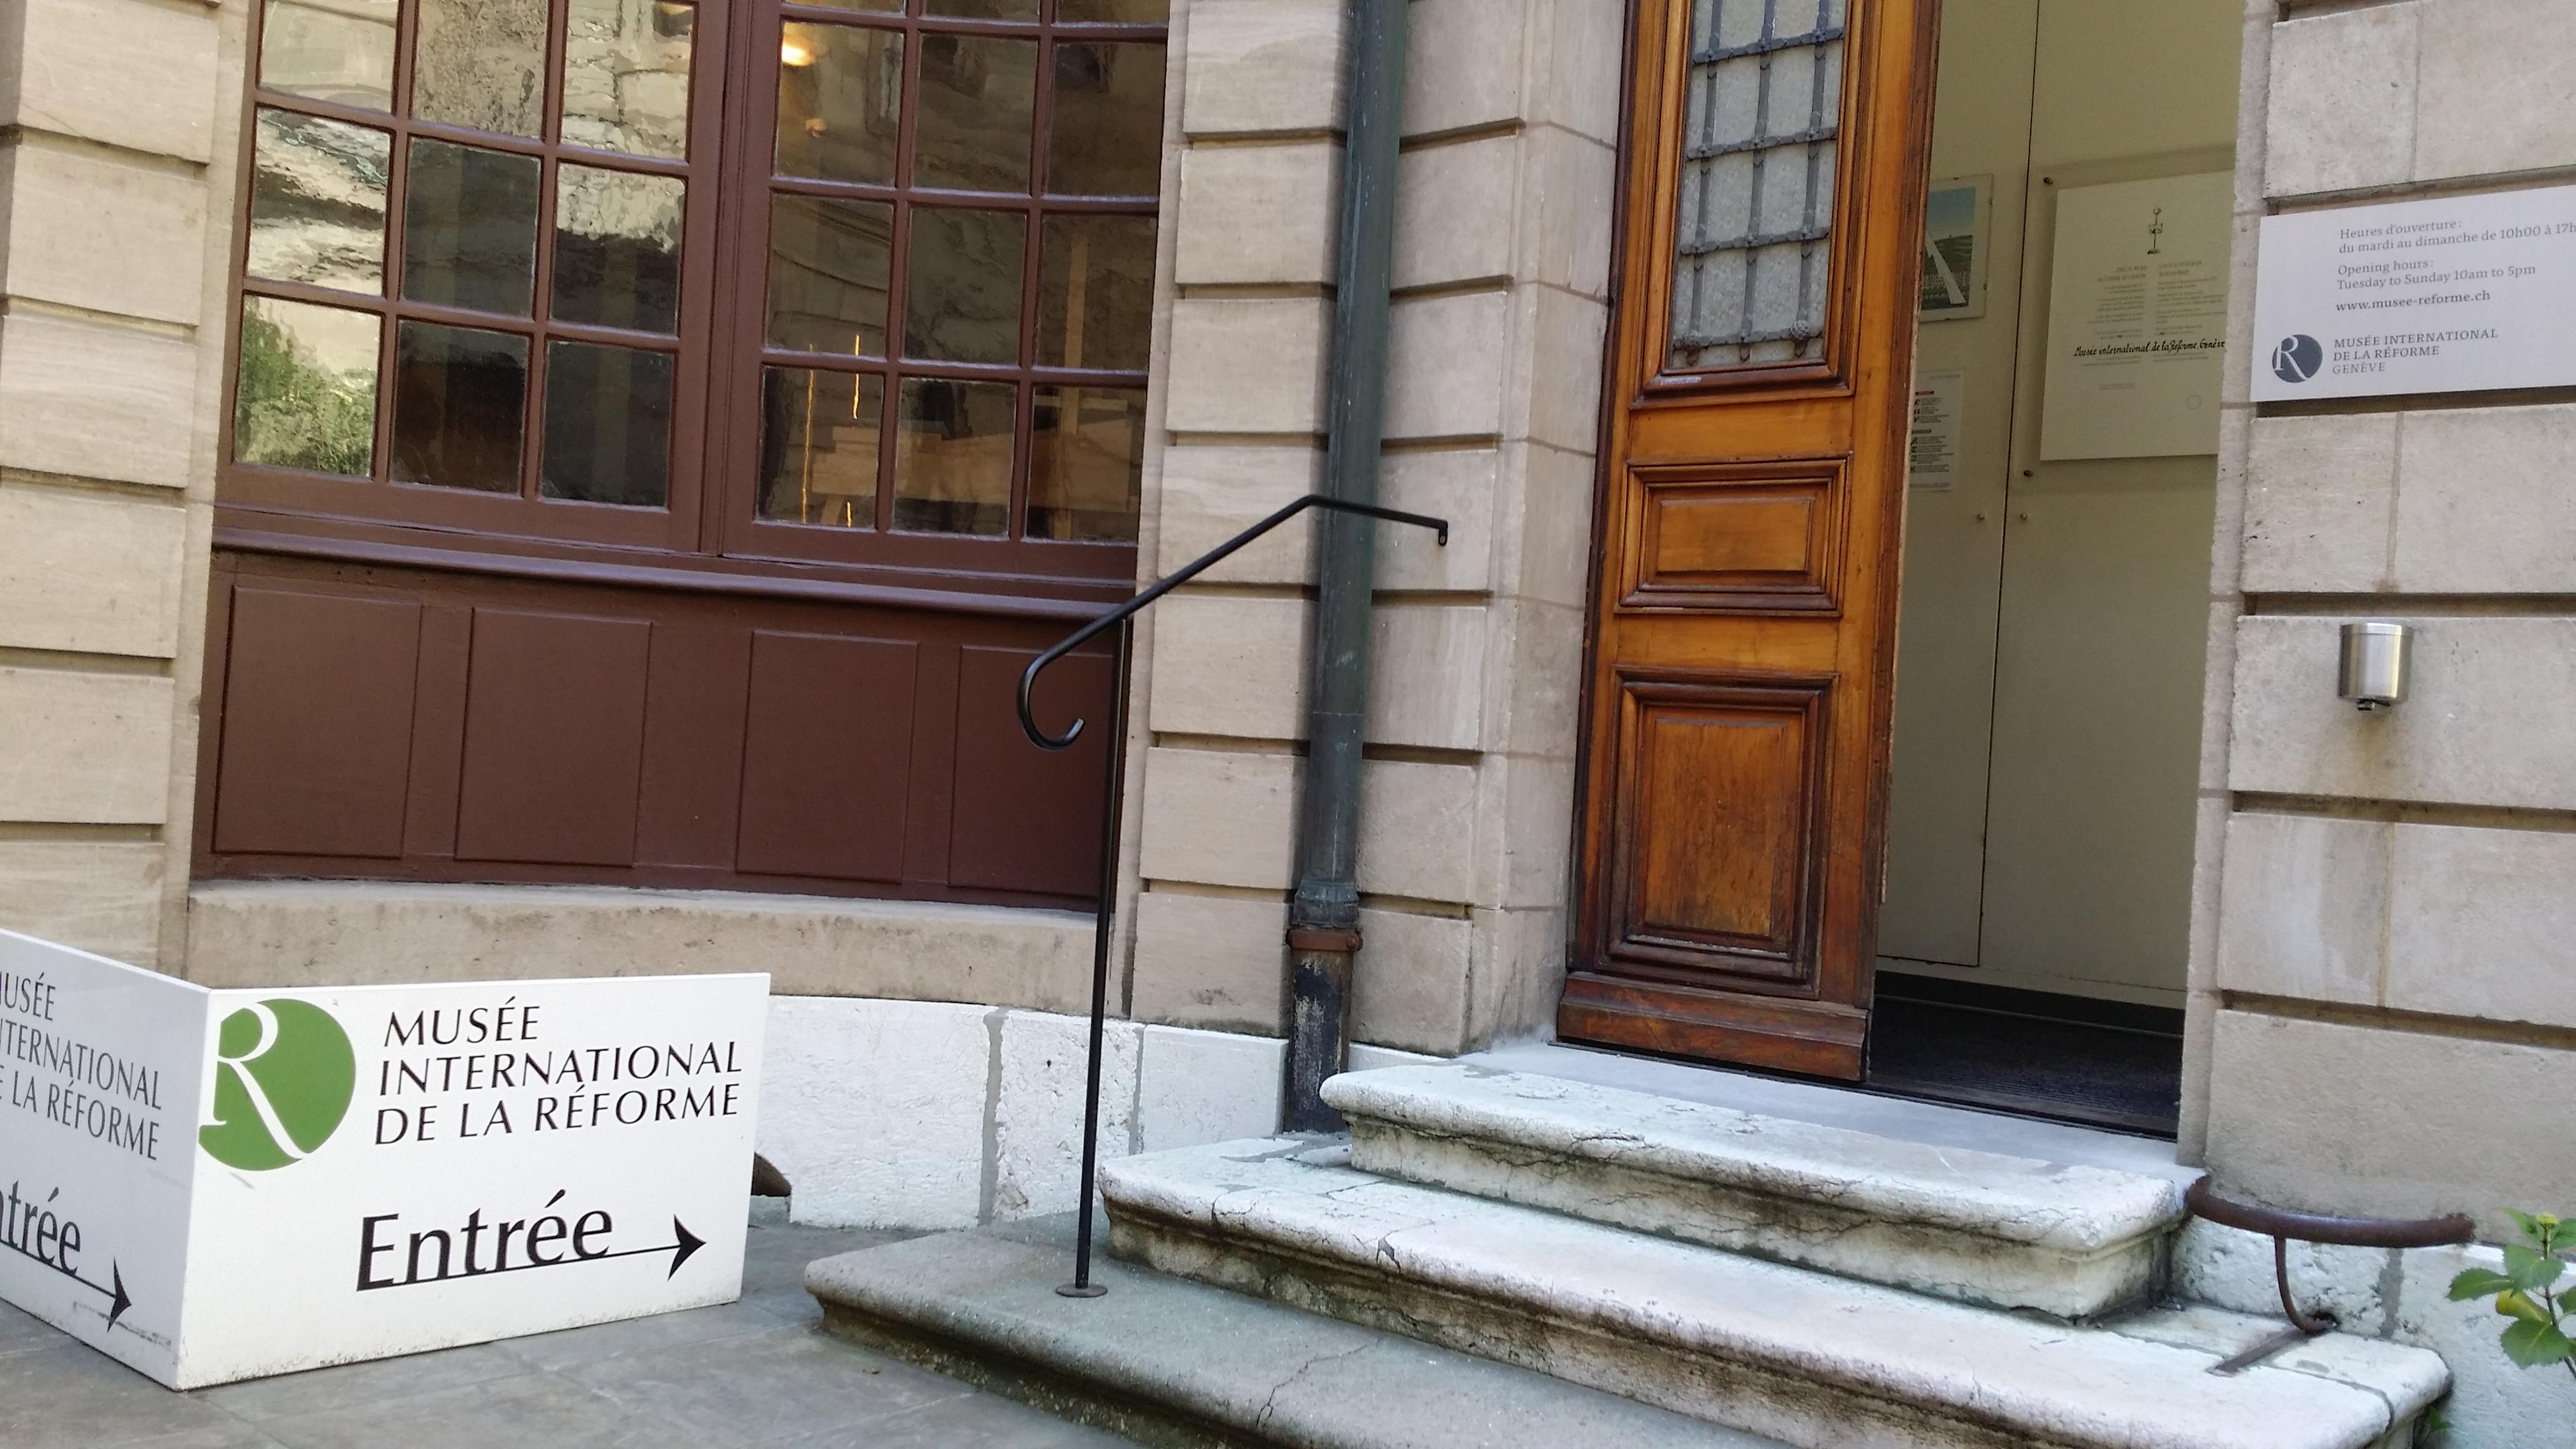 musee-international-de-la-reforme